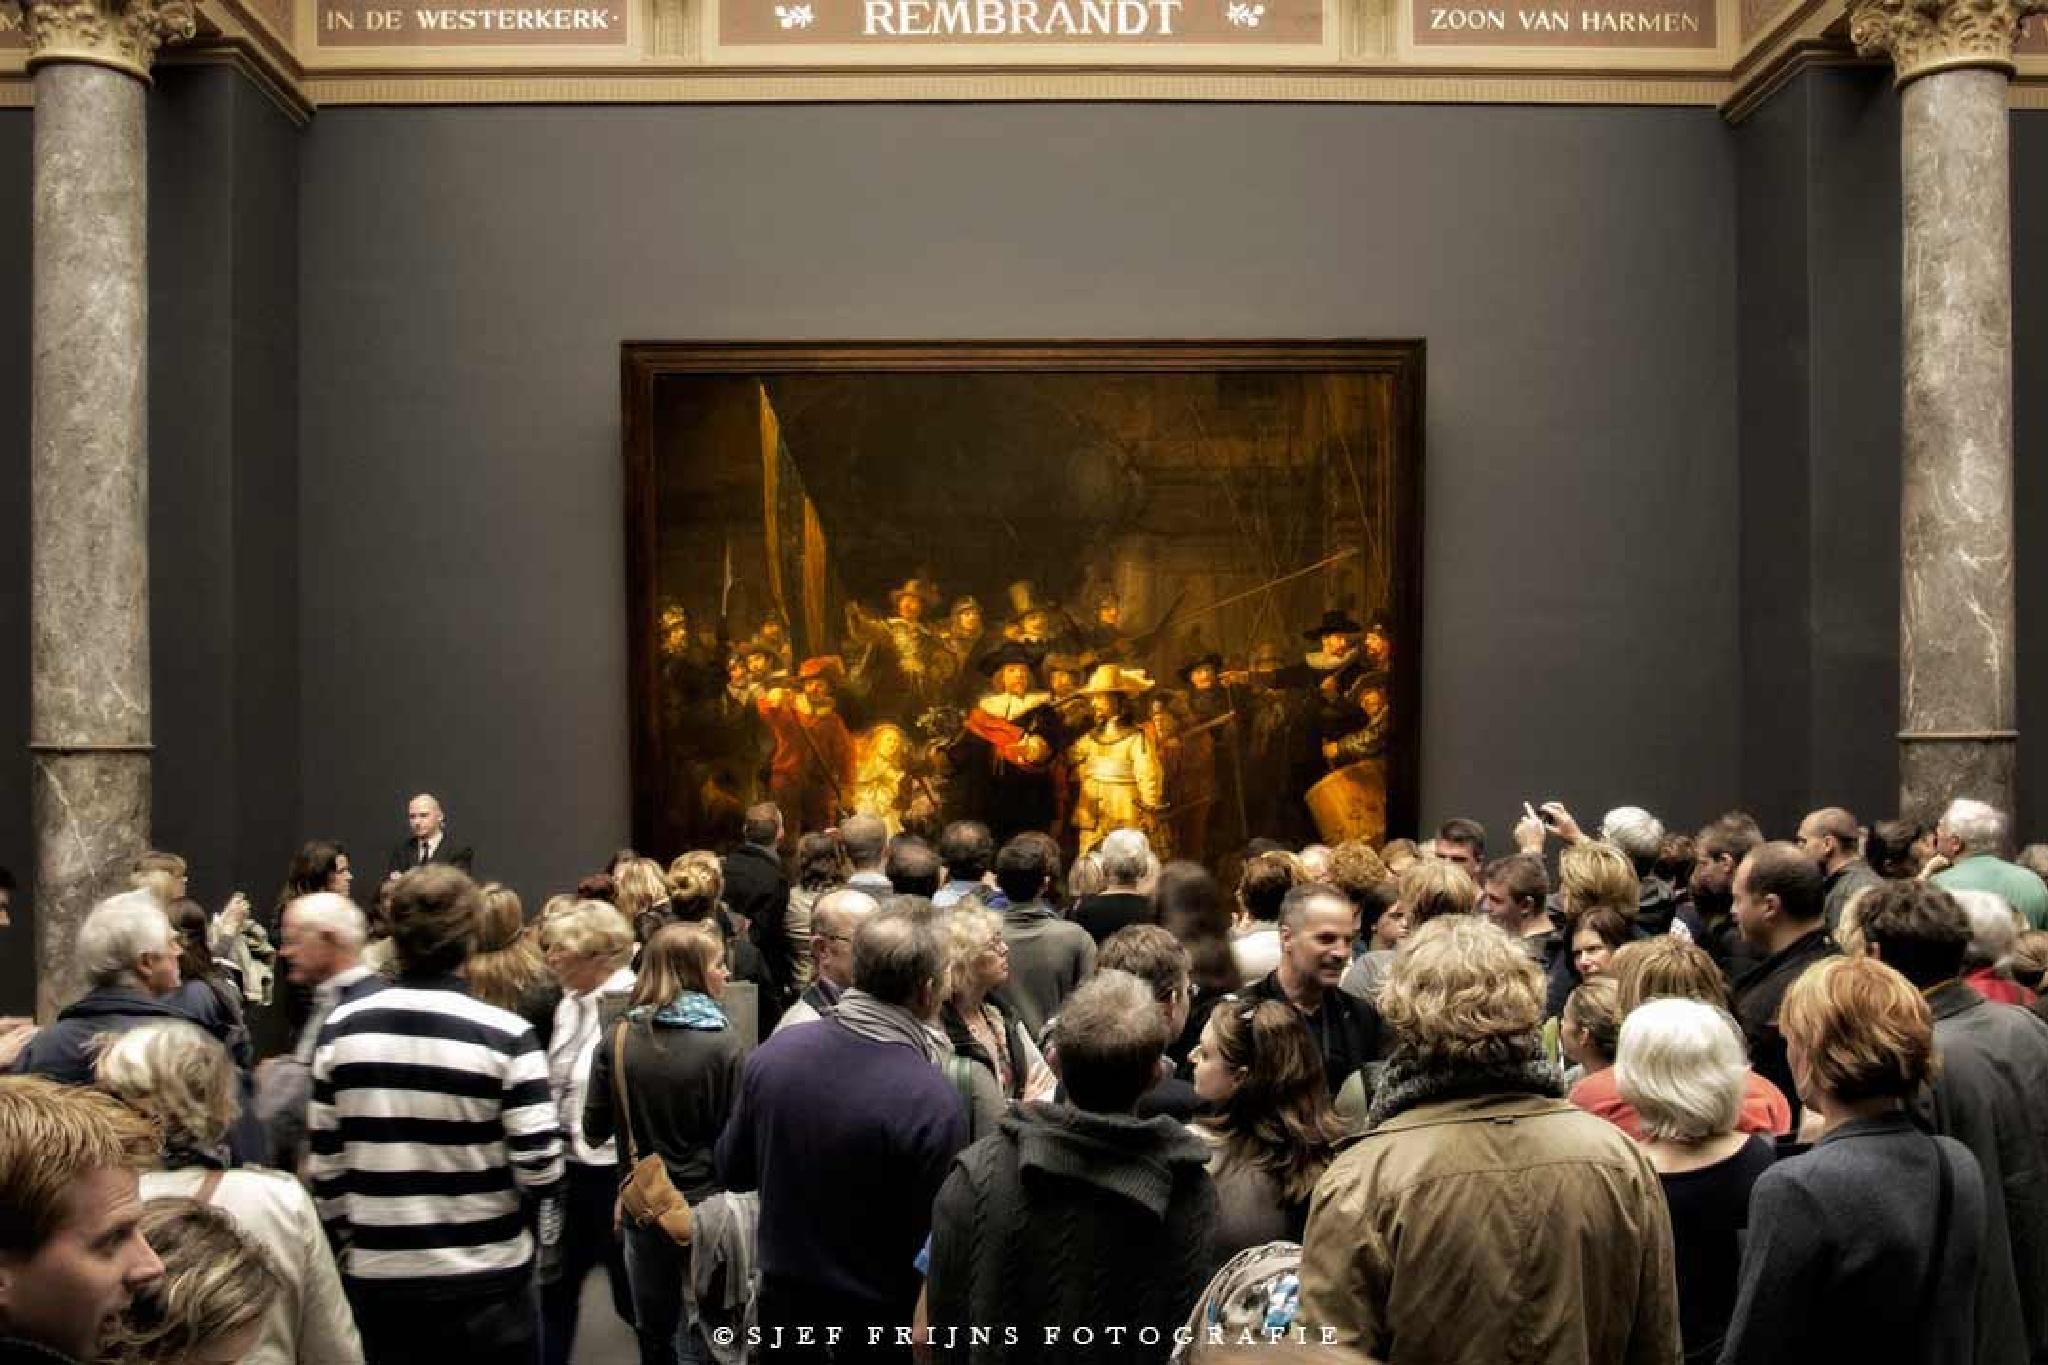 Nightwatch in the Rijksmuseum by sjef.frijns